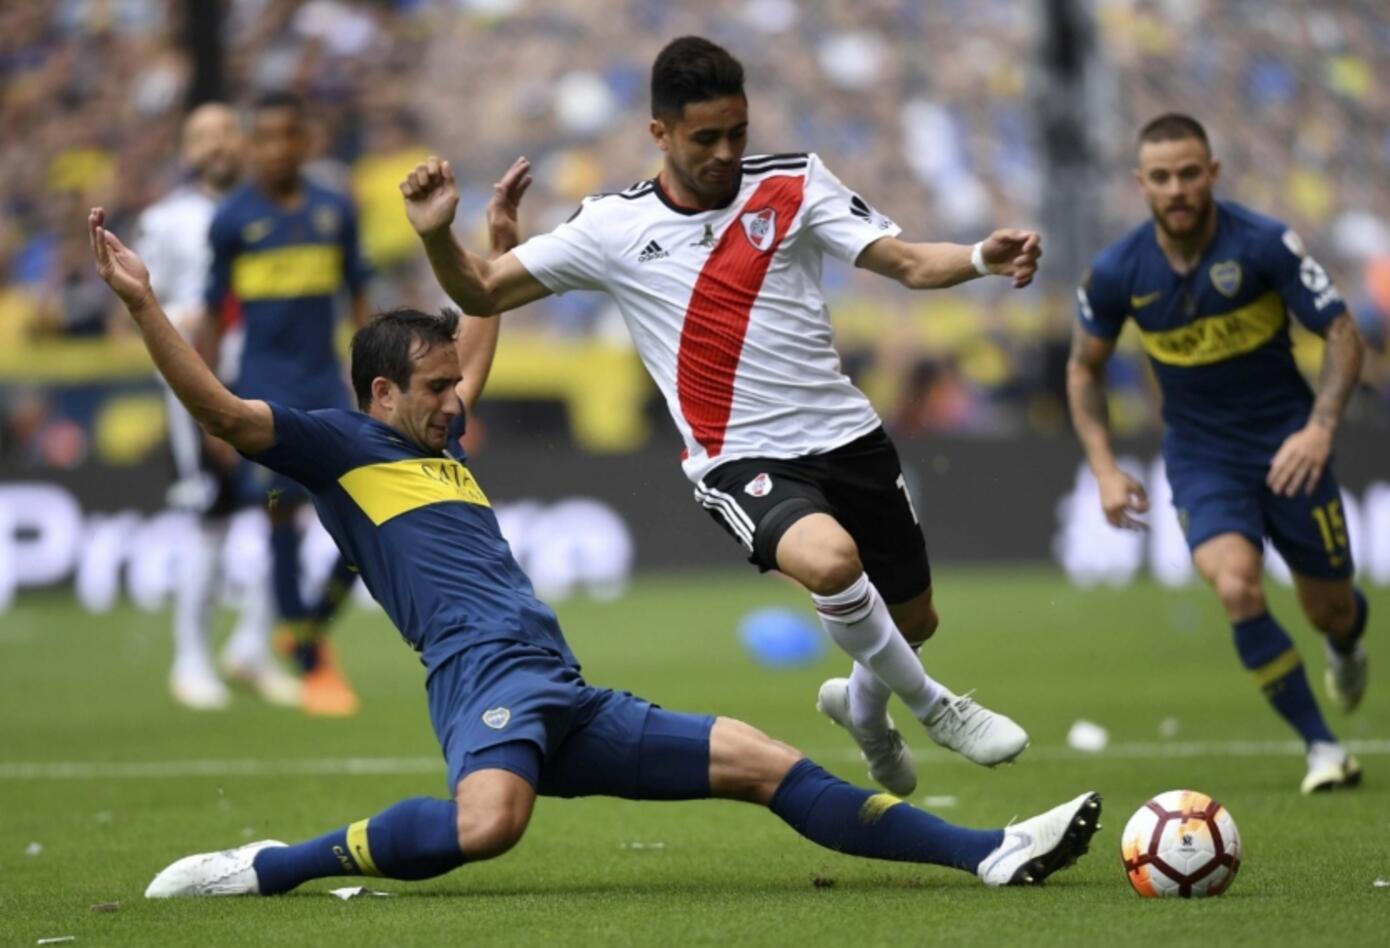 El primer tiempo terminó con un River con muchas oportunidades pero poca efectividad y un Boca que llegó dos veces y en ambas marcó gol.